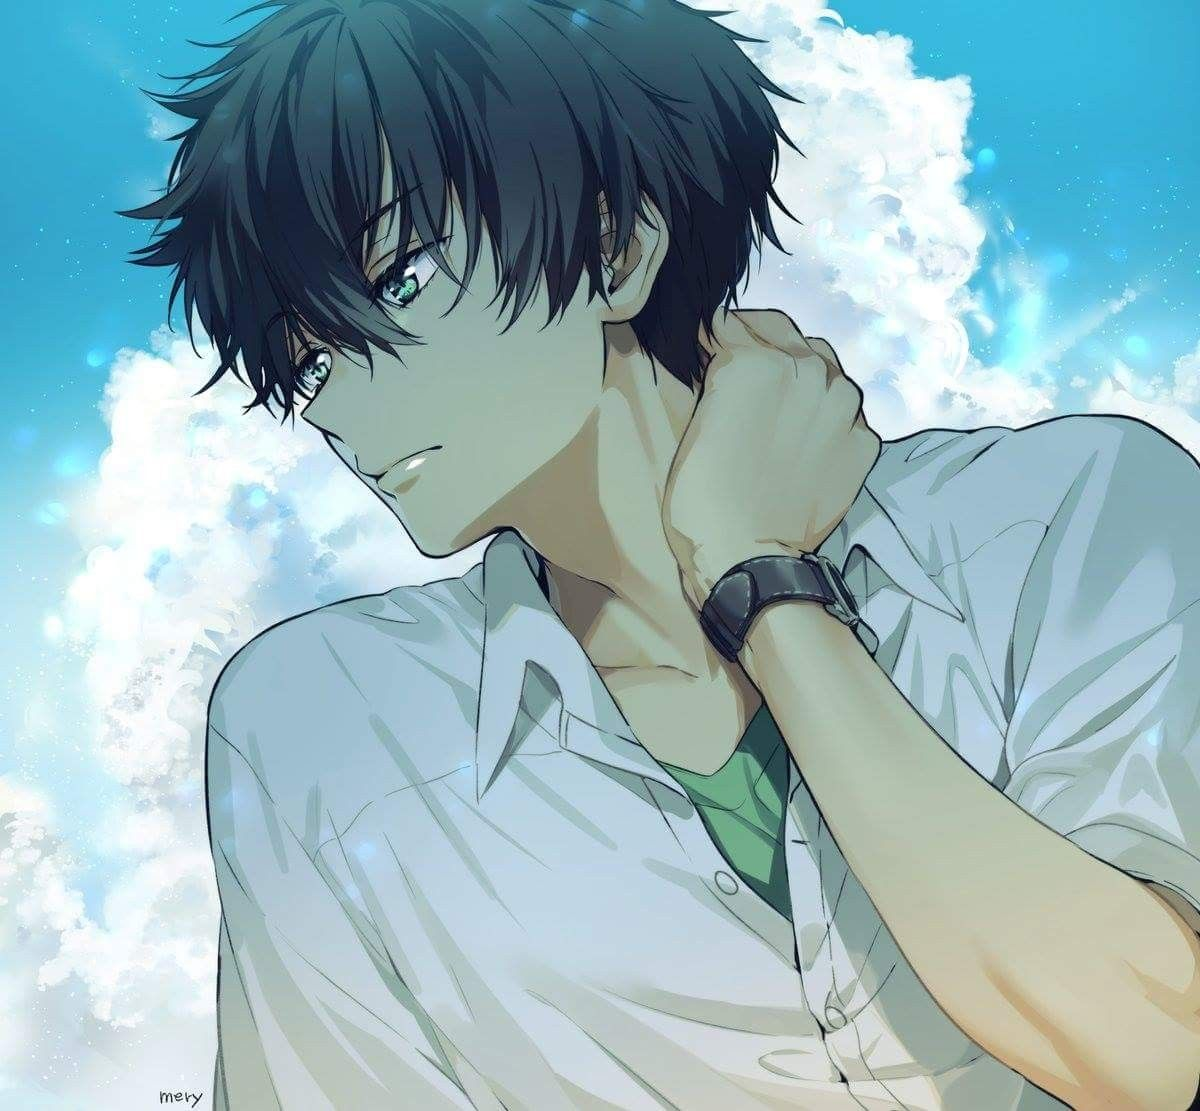 Pin de Ernande em Anime Guys Menina anime, Garotos anime